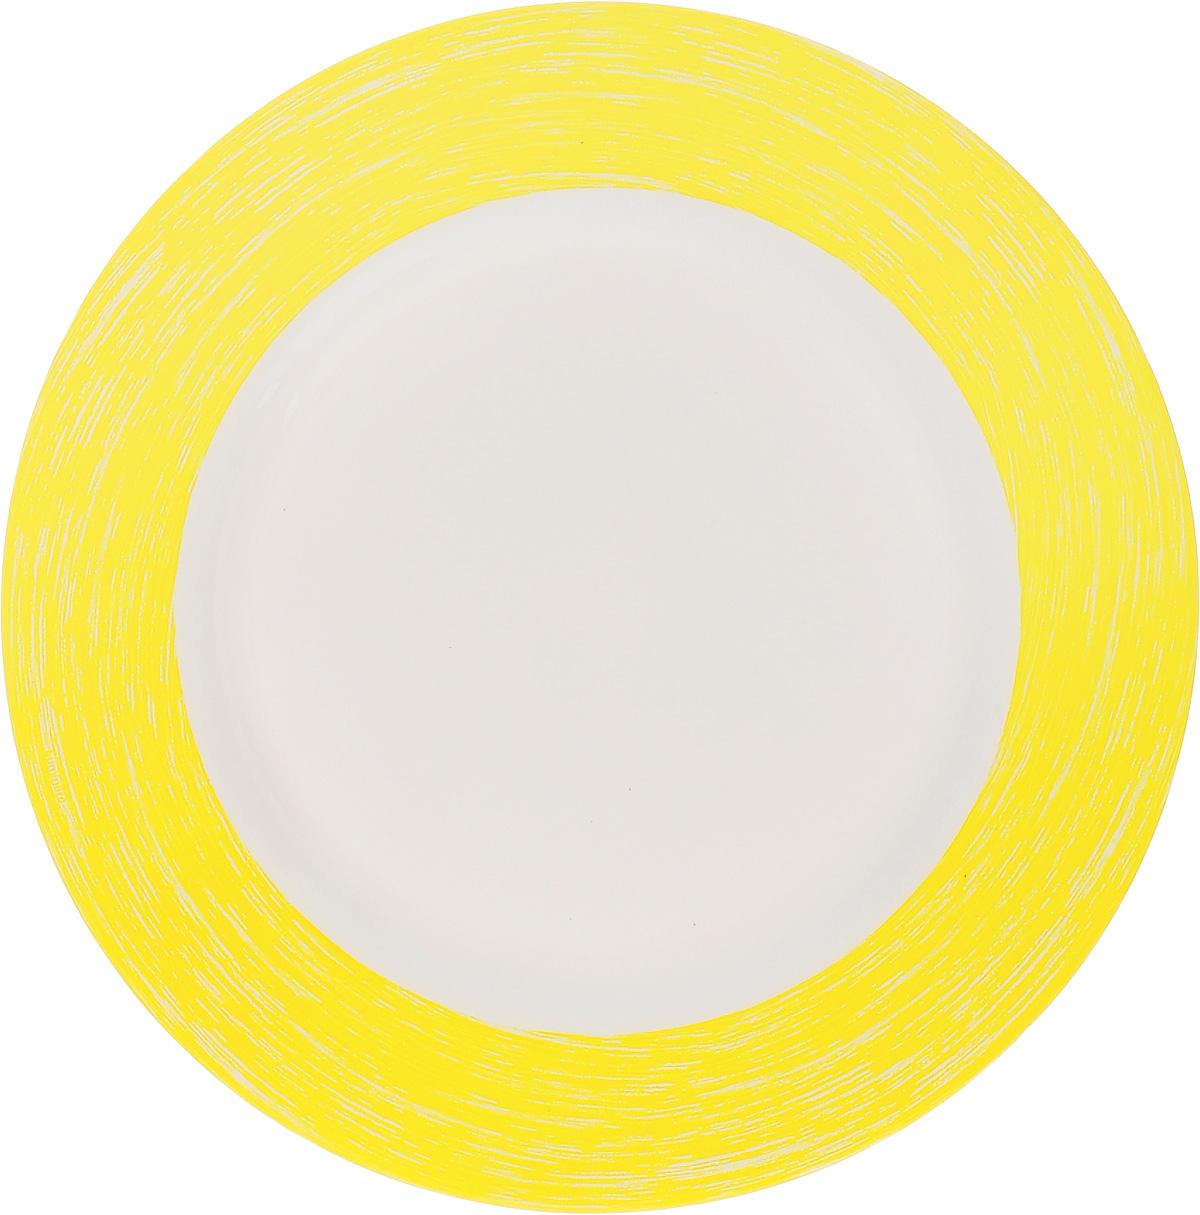 Тарелка десертная Luminarc Color Days Yellow, 19 см115510Десертная тарелка Luminarc Color Days Yellow, изготовленная из ударопрочного стекла, имеет изысканный внешний вид. Такая тарелка прекрасно подходит как для торжественных случаев, так и для повседневного использования. Идеальна для подачи десертов, пирожных, тортов и многого другого. Она прекрасно оформит стол и станет отличным дополнением к вашей коллекции кухонной посуды. Диаметр тарелки (по верхнему краю): 19 см.